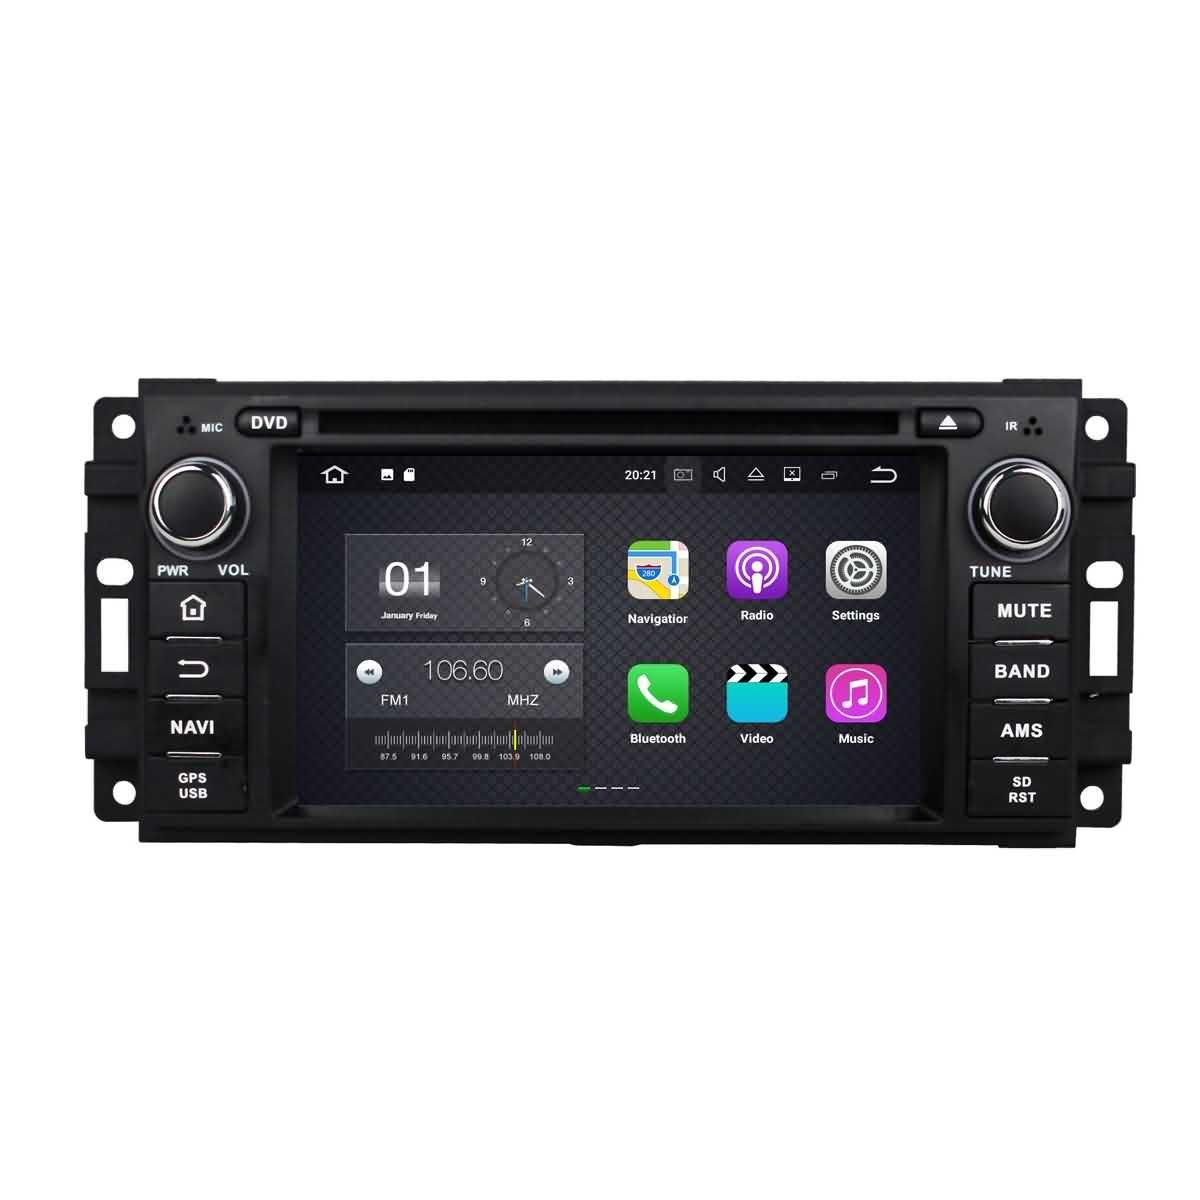 1 Din 6.2 pouces Android 7.1 stéréo de voiture pour Jeep Patriot(2009-2011)/Jeep Compass(2009-2011)/Jeep Liberty(2008-2011)/Jeep Commander(2008-2011)/Jeep Wranger(2007-2012)/Grand Cherokee(2008-2011),DAB+ radio